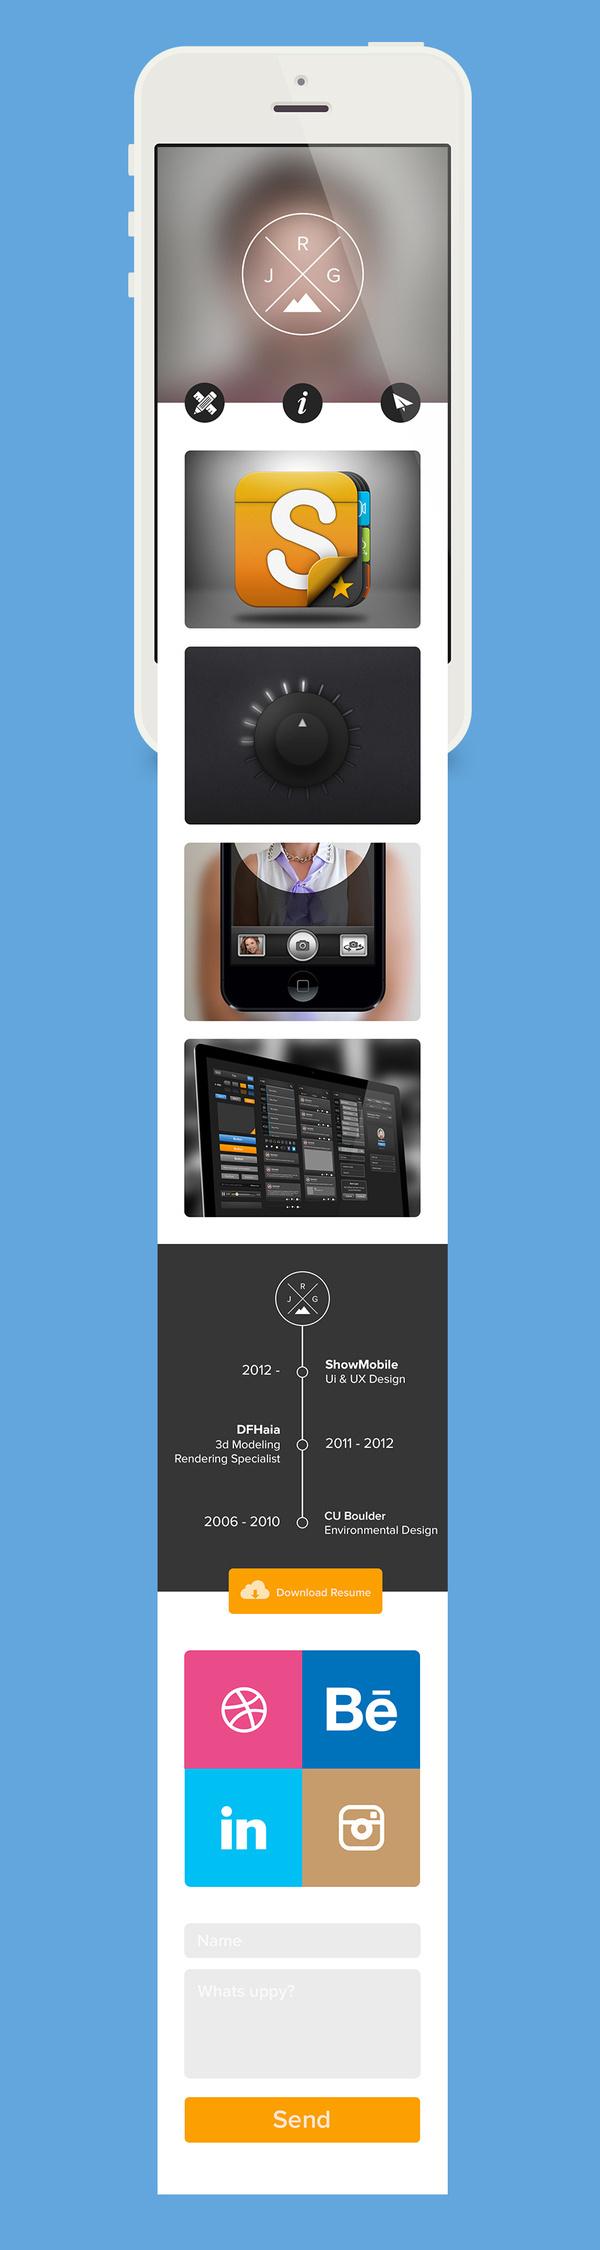 Mobile Website - Justin Graham #ux #ui #mobile #webdesign #web